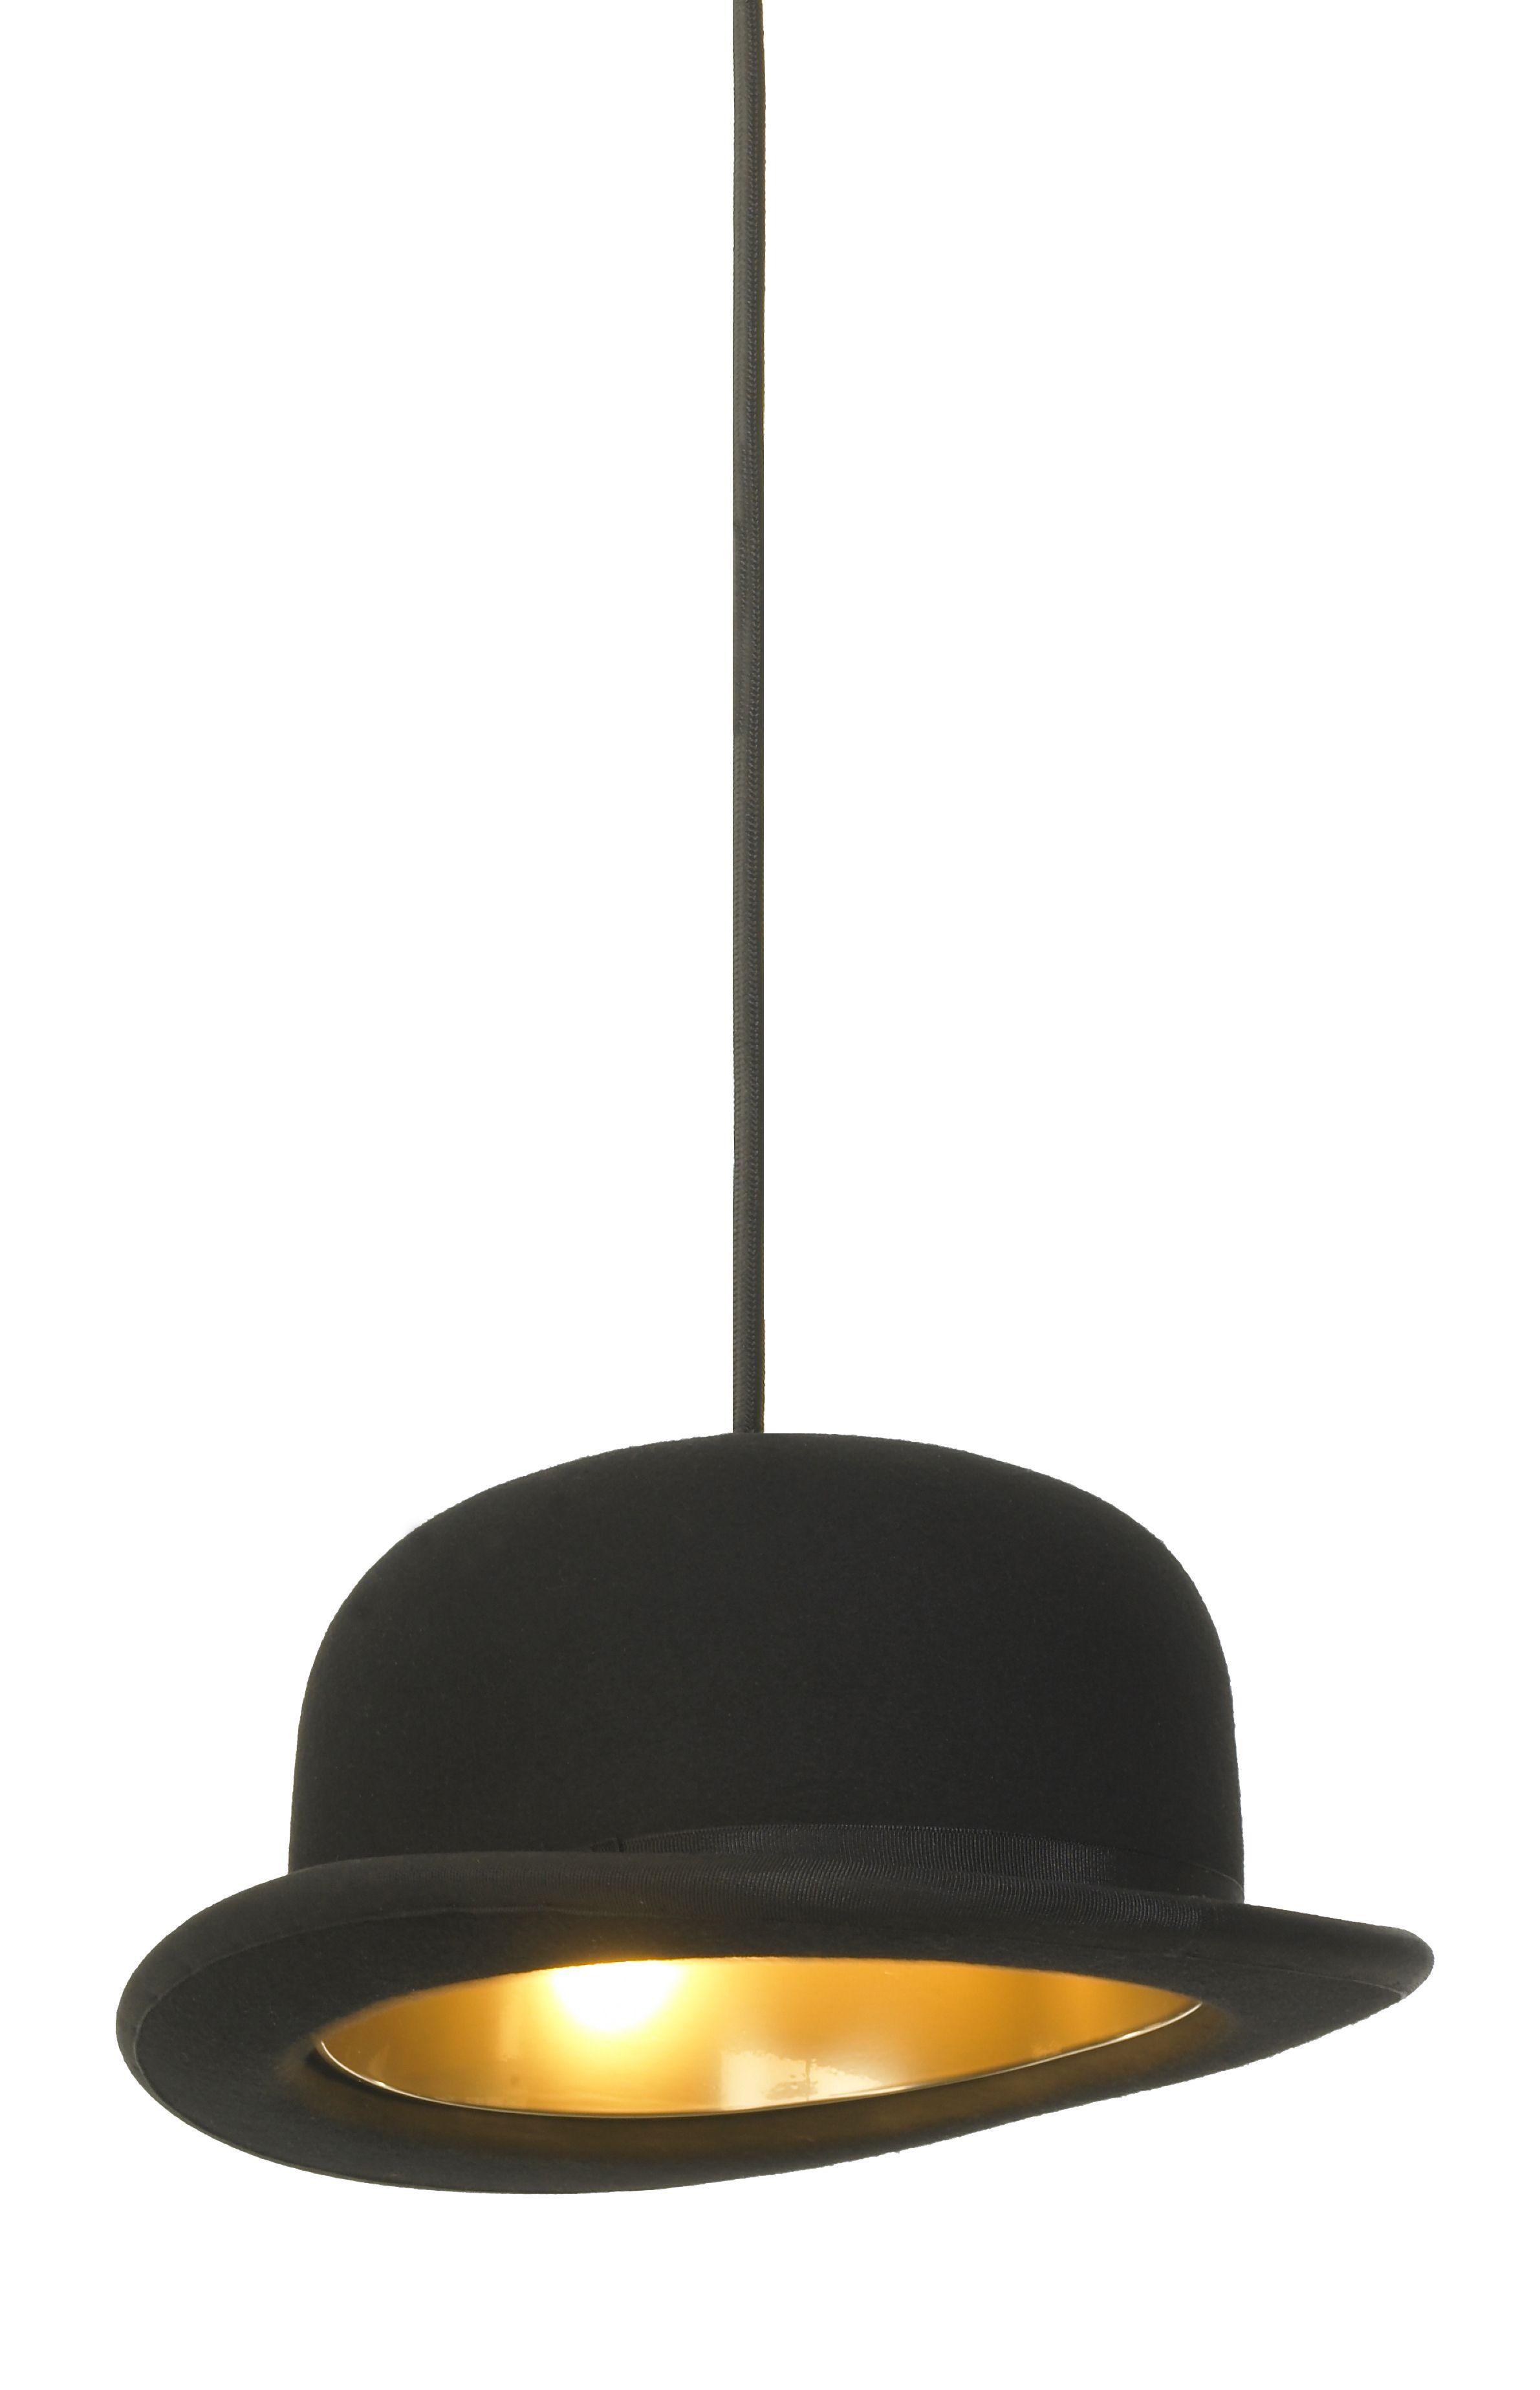 b2c1fdaa062 Jeeves Pendant Lamp. Materials  Wool felt bowler or top hat with anodised  aluminium lining ByNaken Interiors.  306.